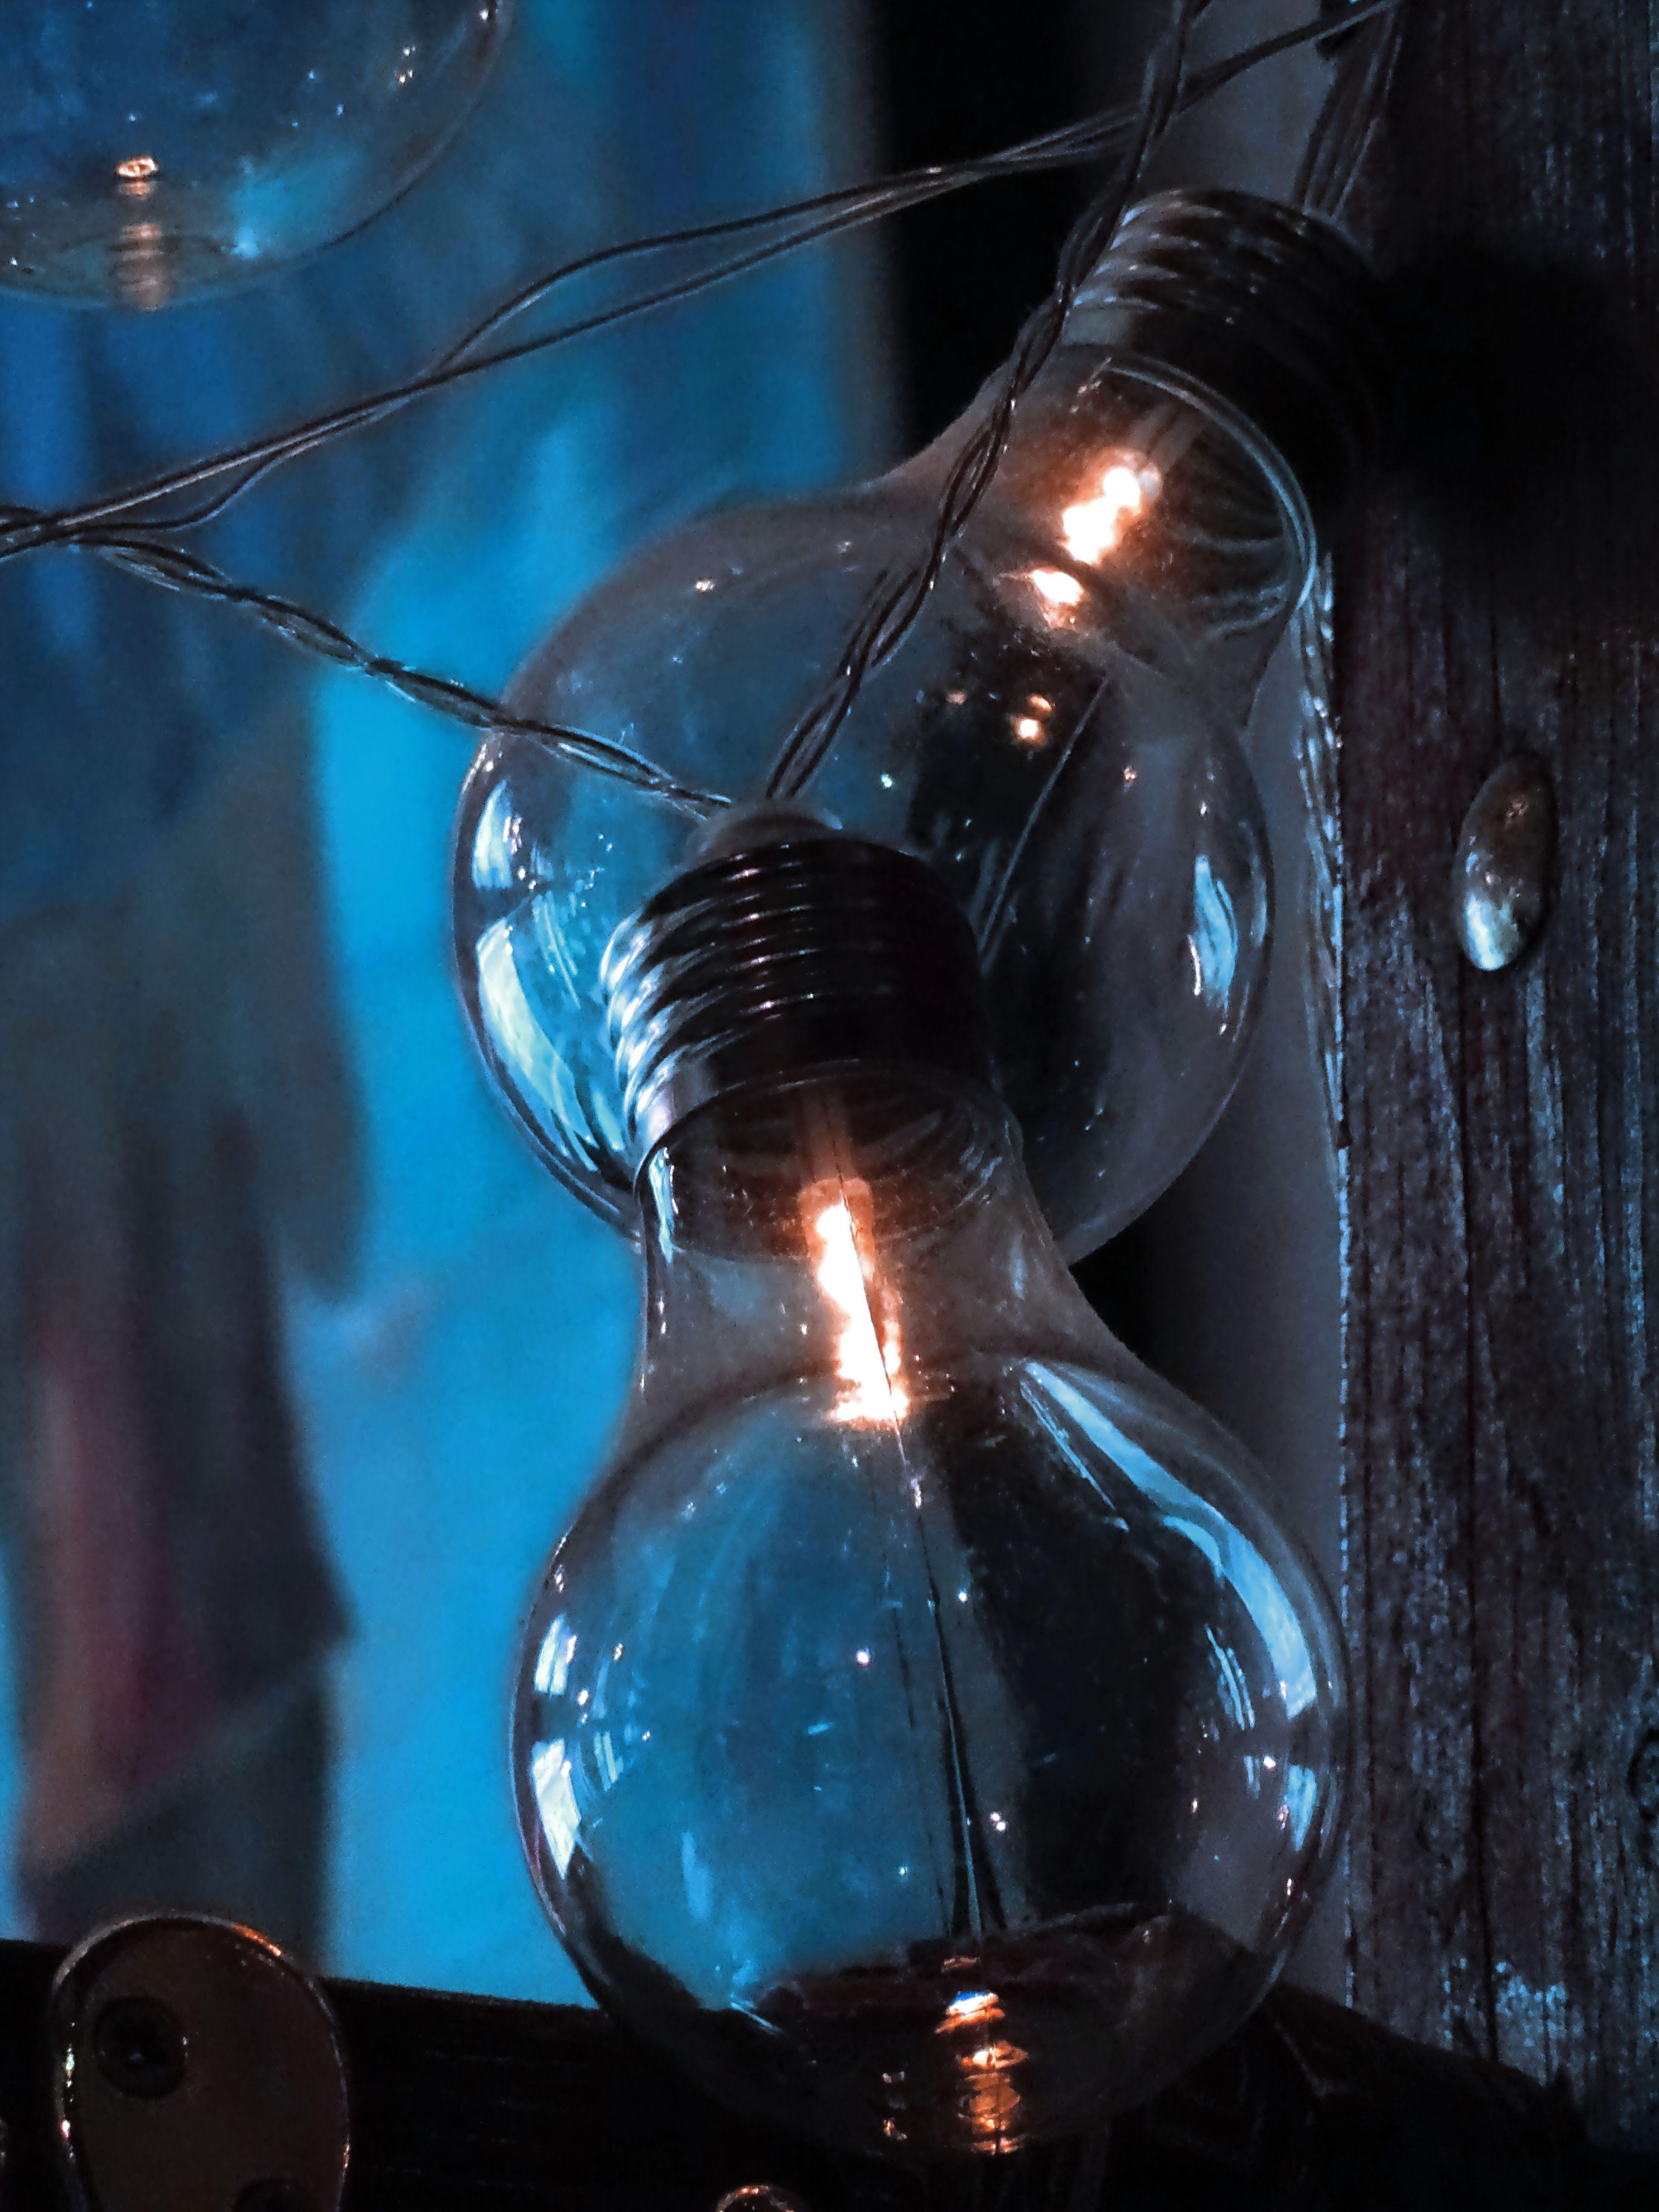 Kostenloses Stock Foto zu beleuchtung, drinnen, dunkel, elektrizität